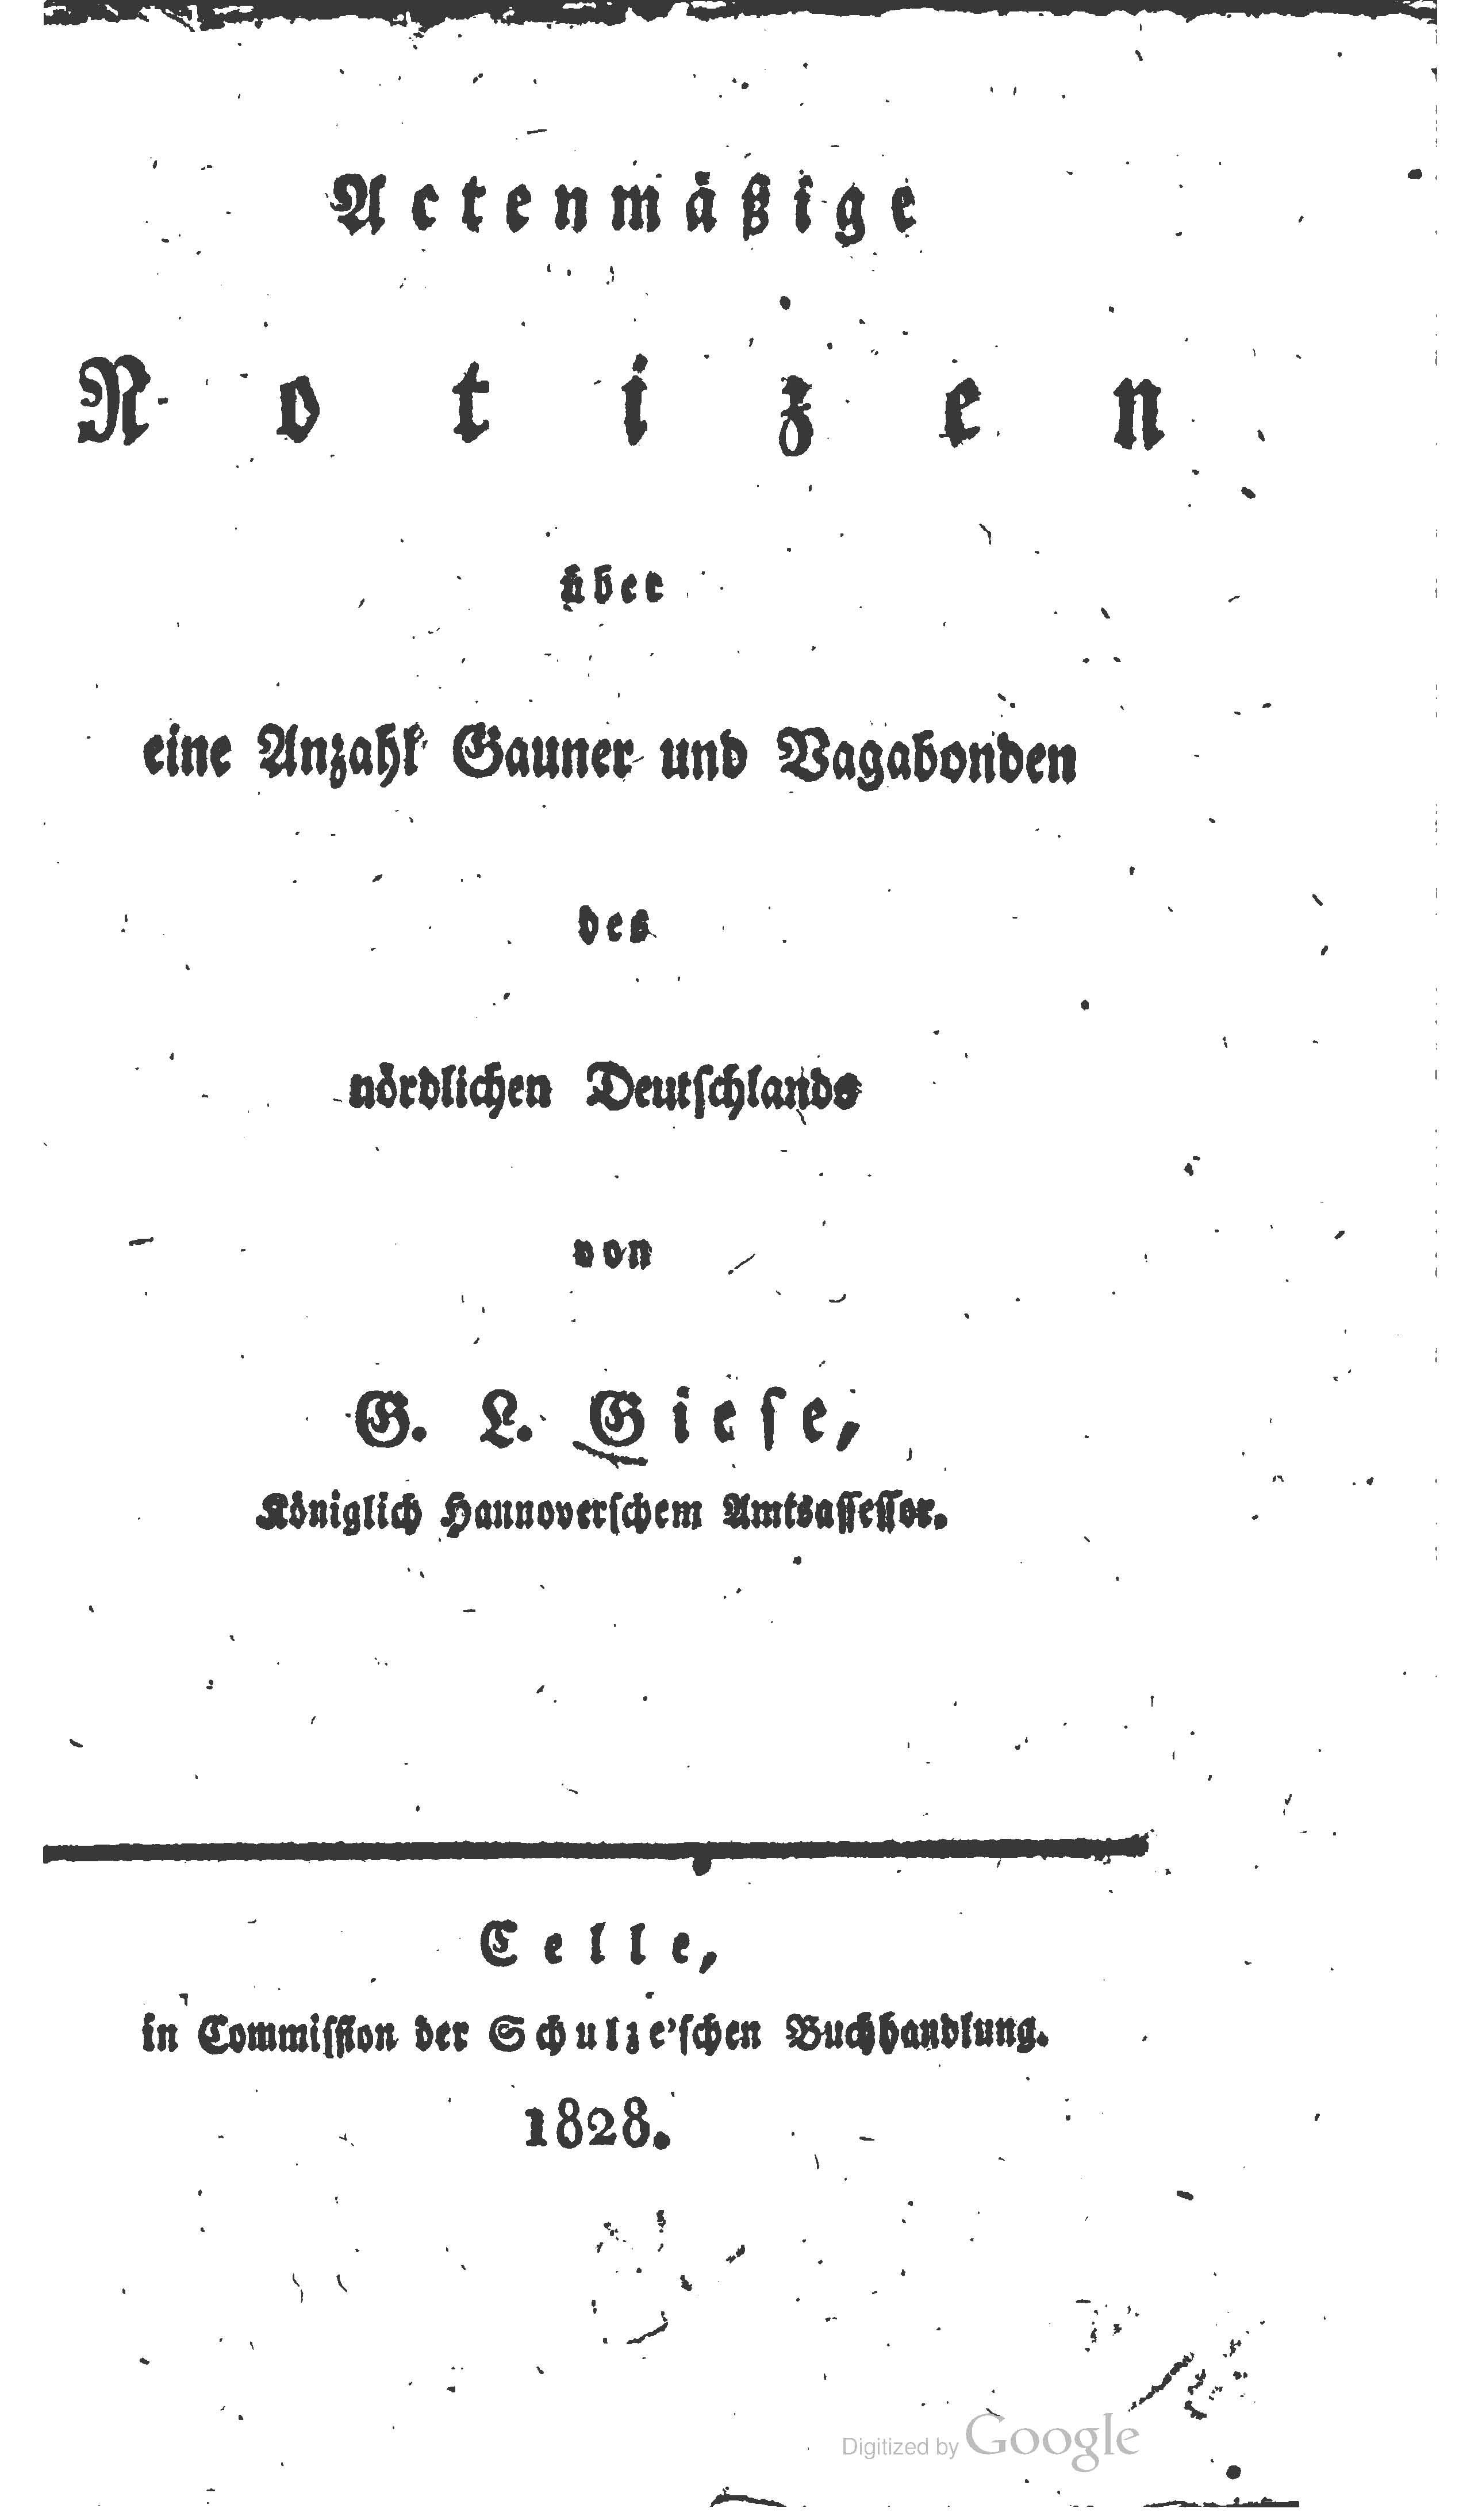 Giese Actenmäßige Notizen über eine Anzahl Gauner und Vagabonden des nördlichen Deutschlands